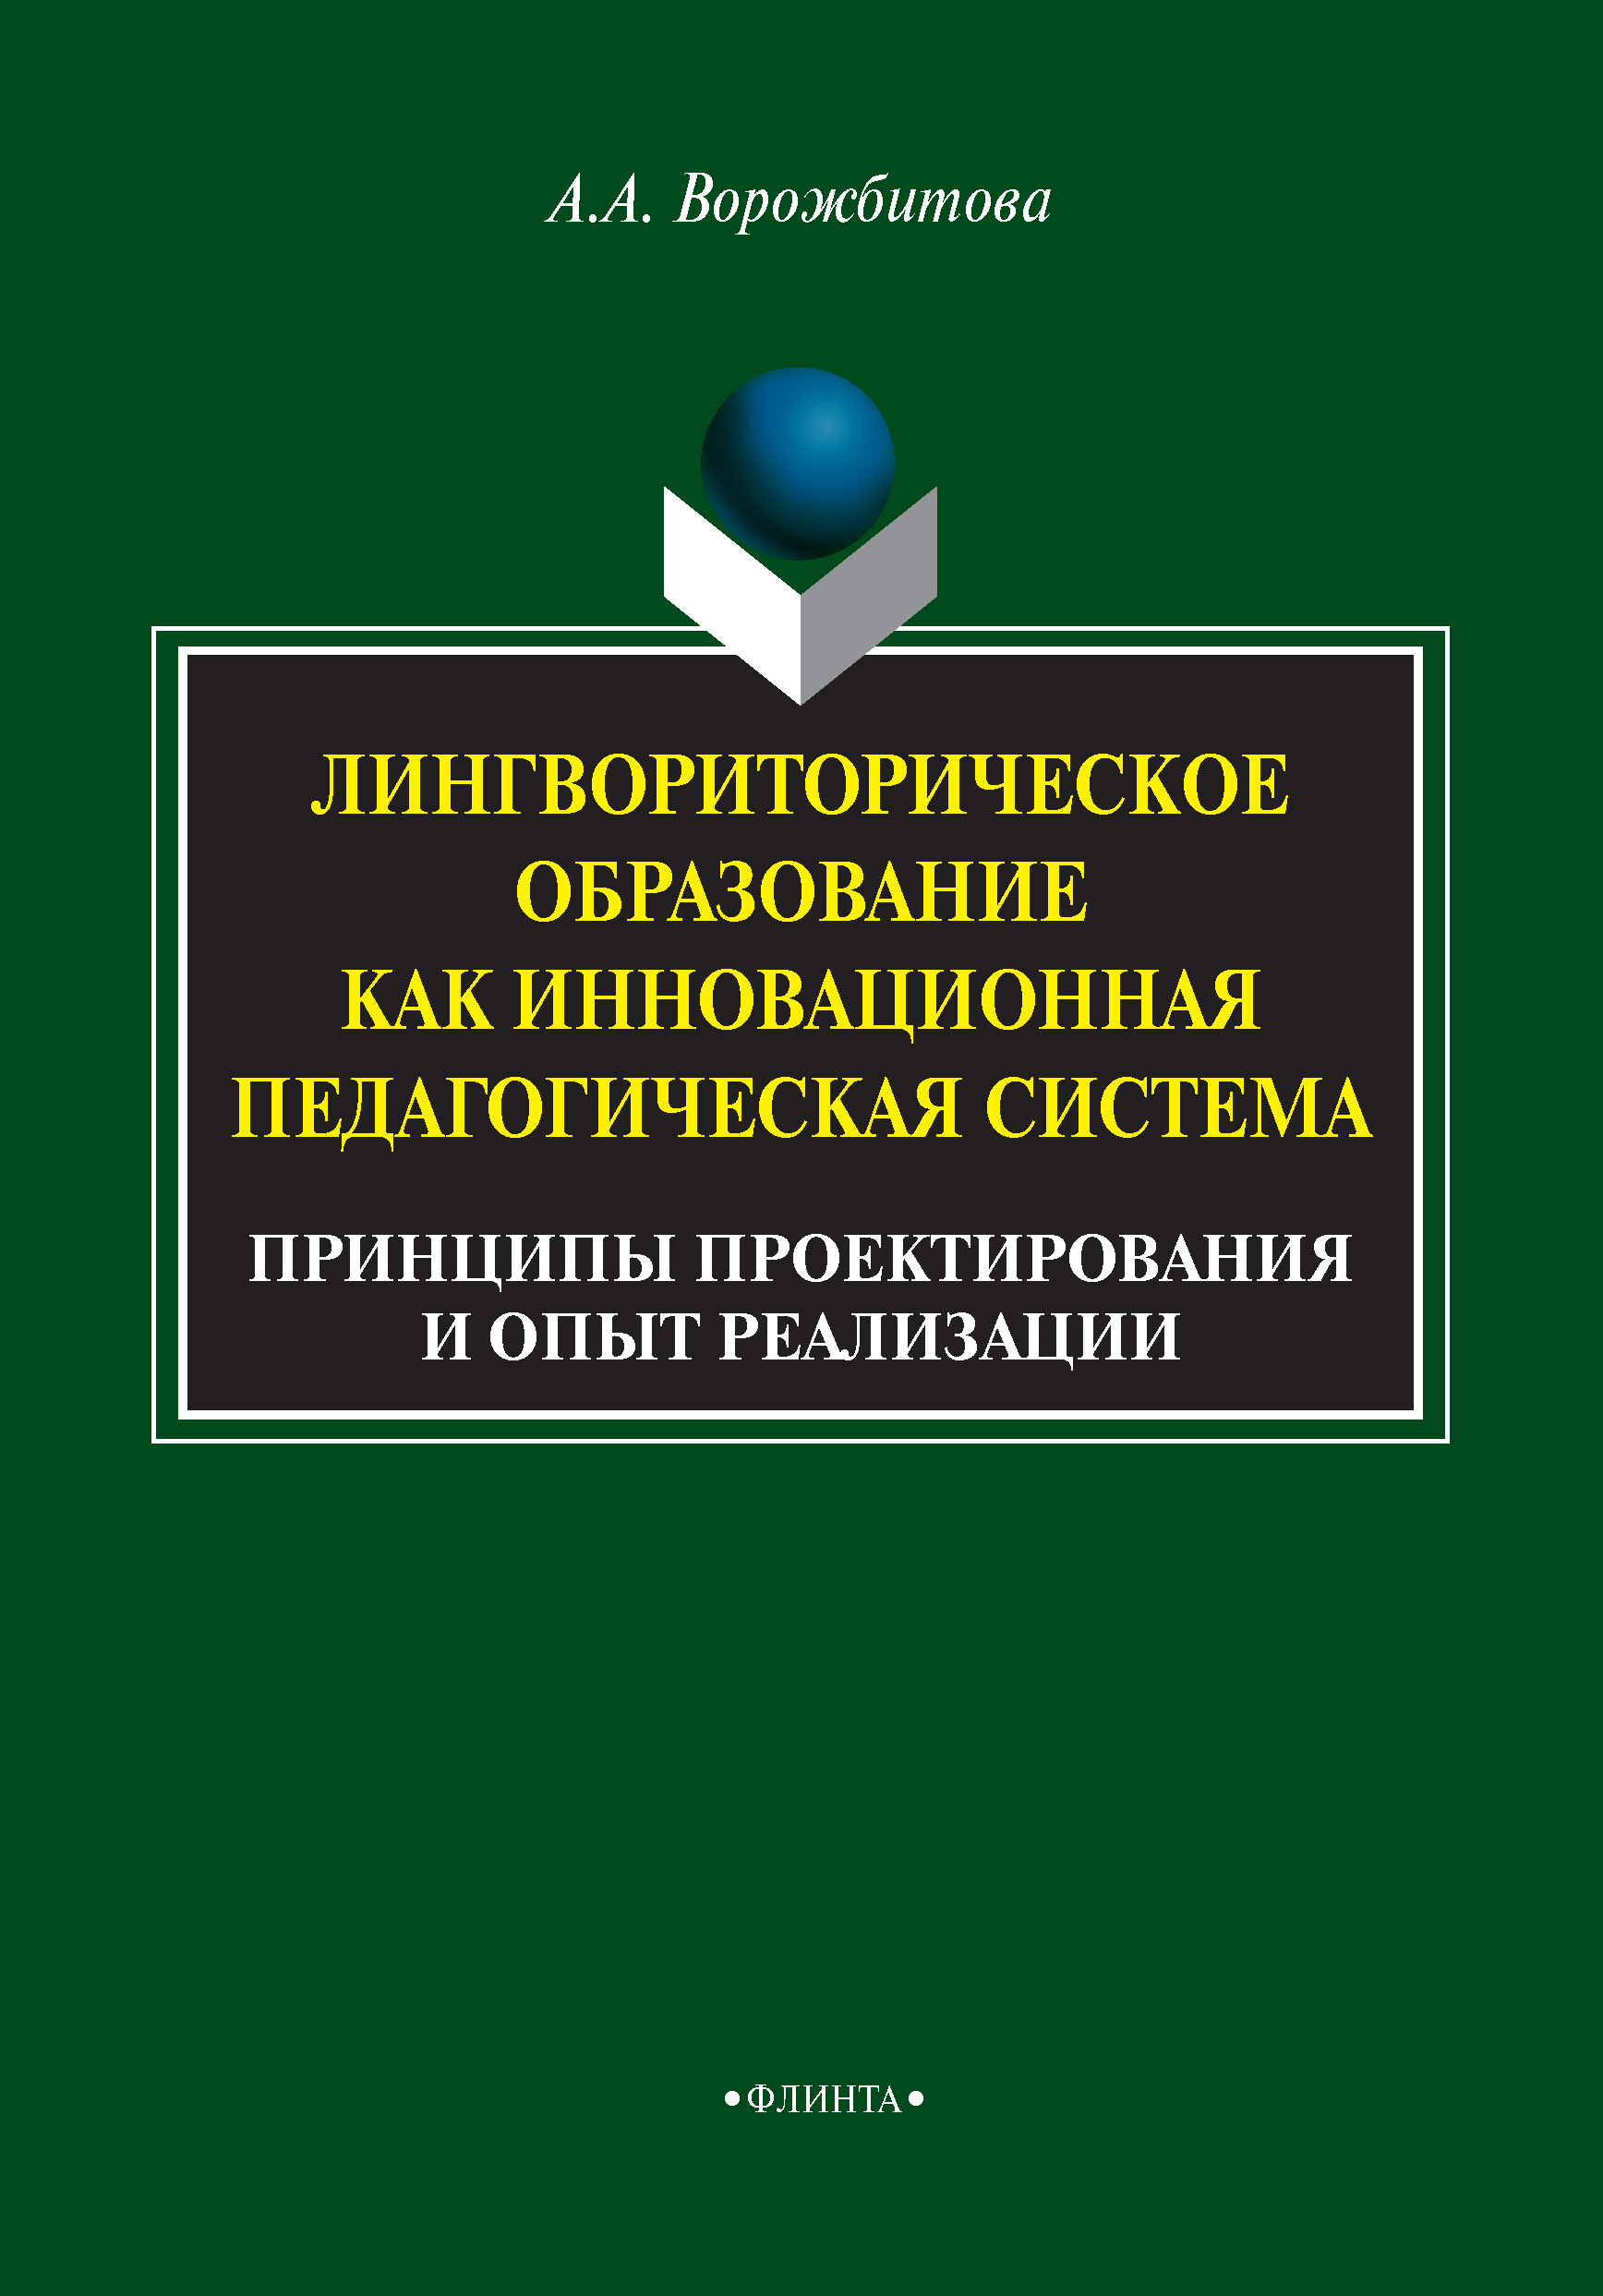 А. А. Ворожбитова Лингвориторическое образование как инновационная педагогическая система. Принципы проектирования и опыт реализации